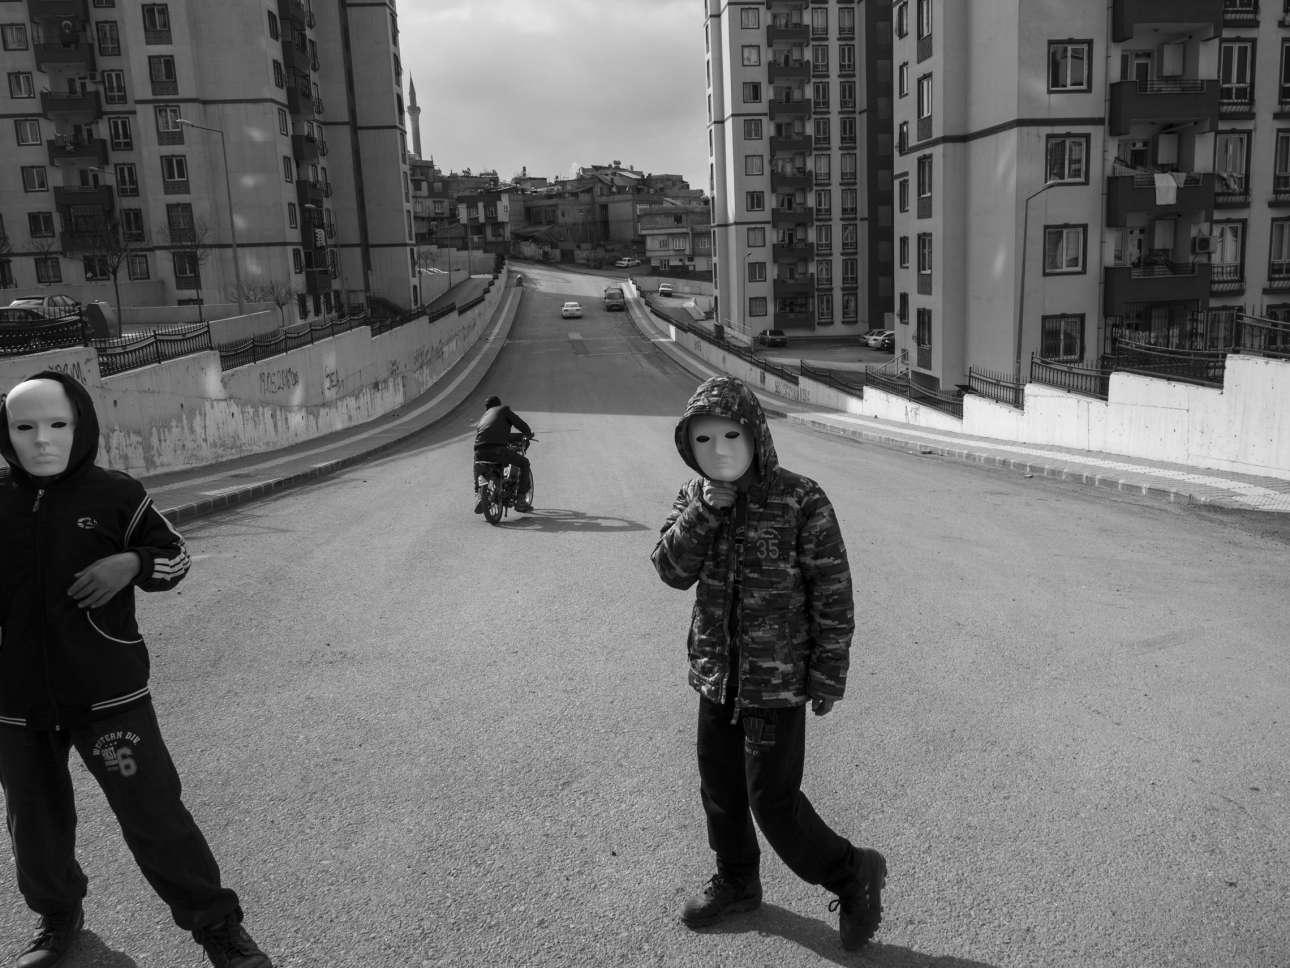 Μία μέρα πριν το δημοψήφισμα της Τουρκίας, στη πόλη Γκαζιαντέπ το 2017. «Πρόσωπα που κρύβουν τα πάντα ορατά περισσότερο από ποτέ»